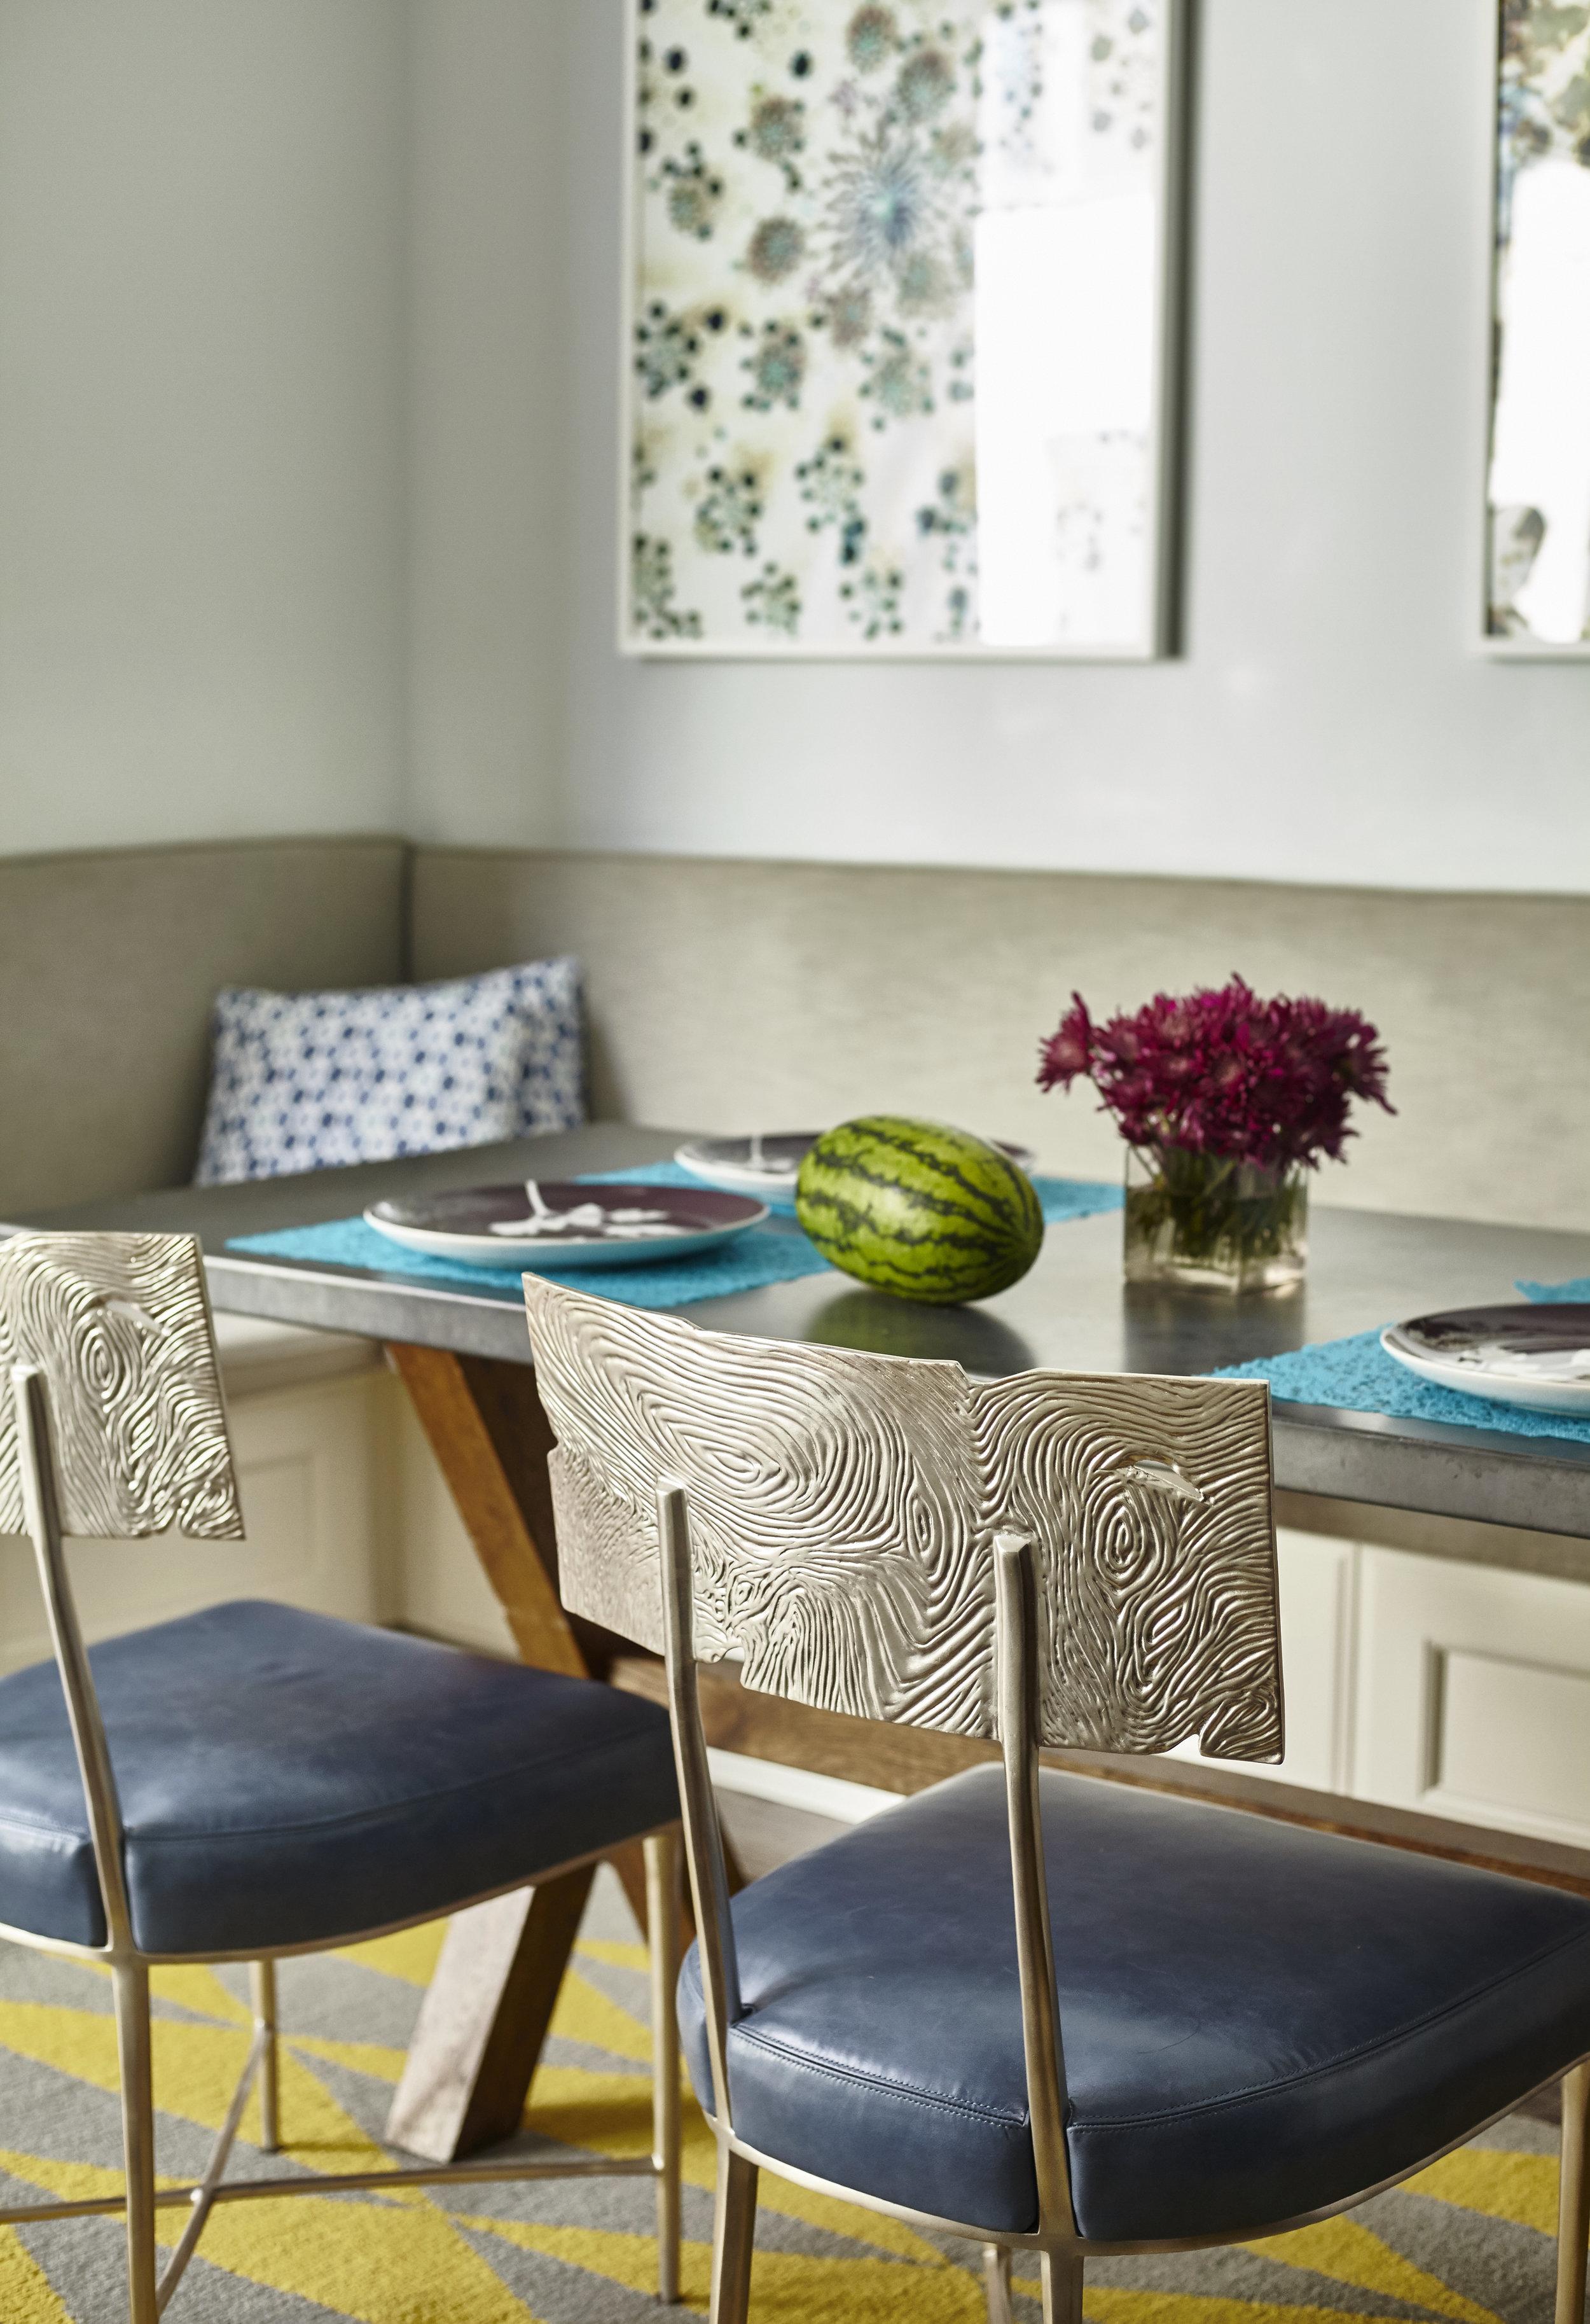 Ironies-Design-Dining-Chair-Elegant-Room.jpg